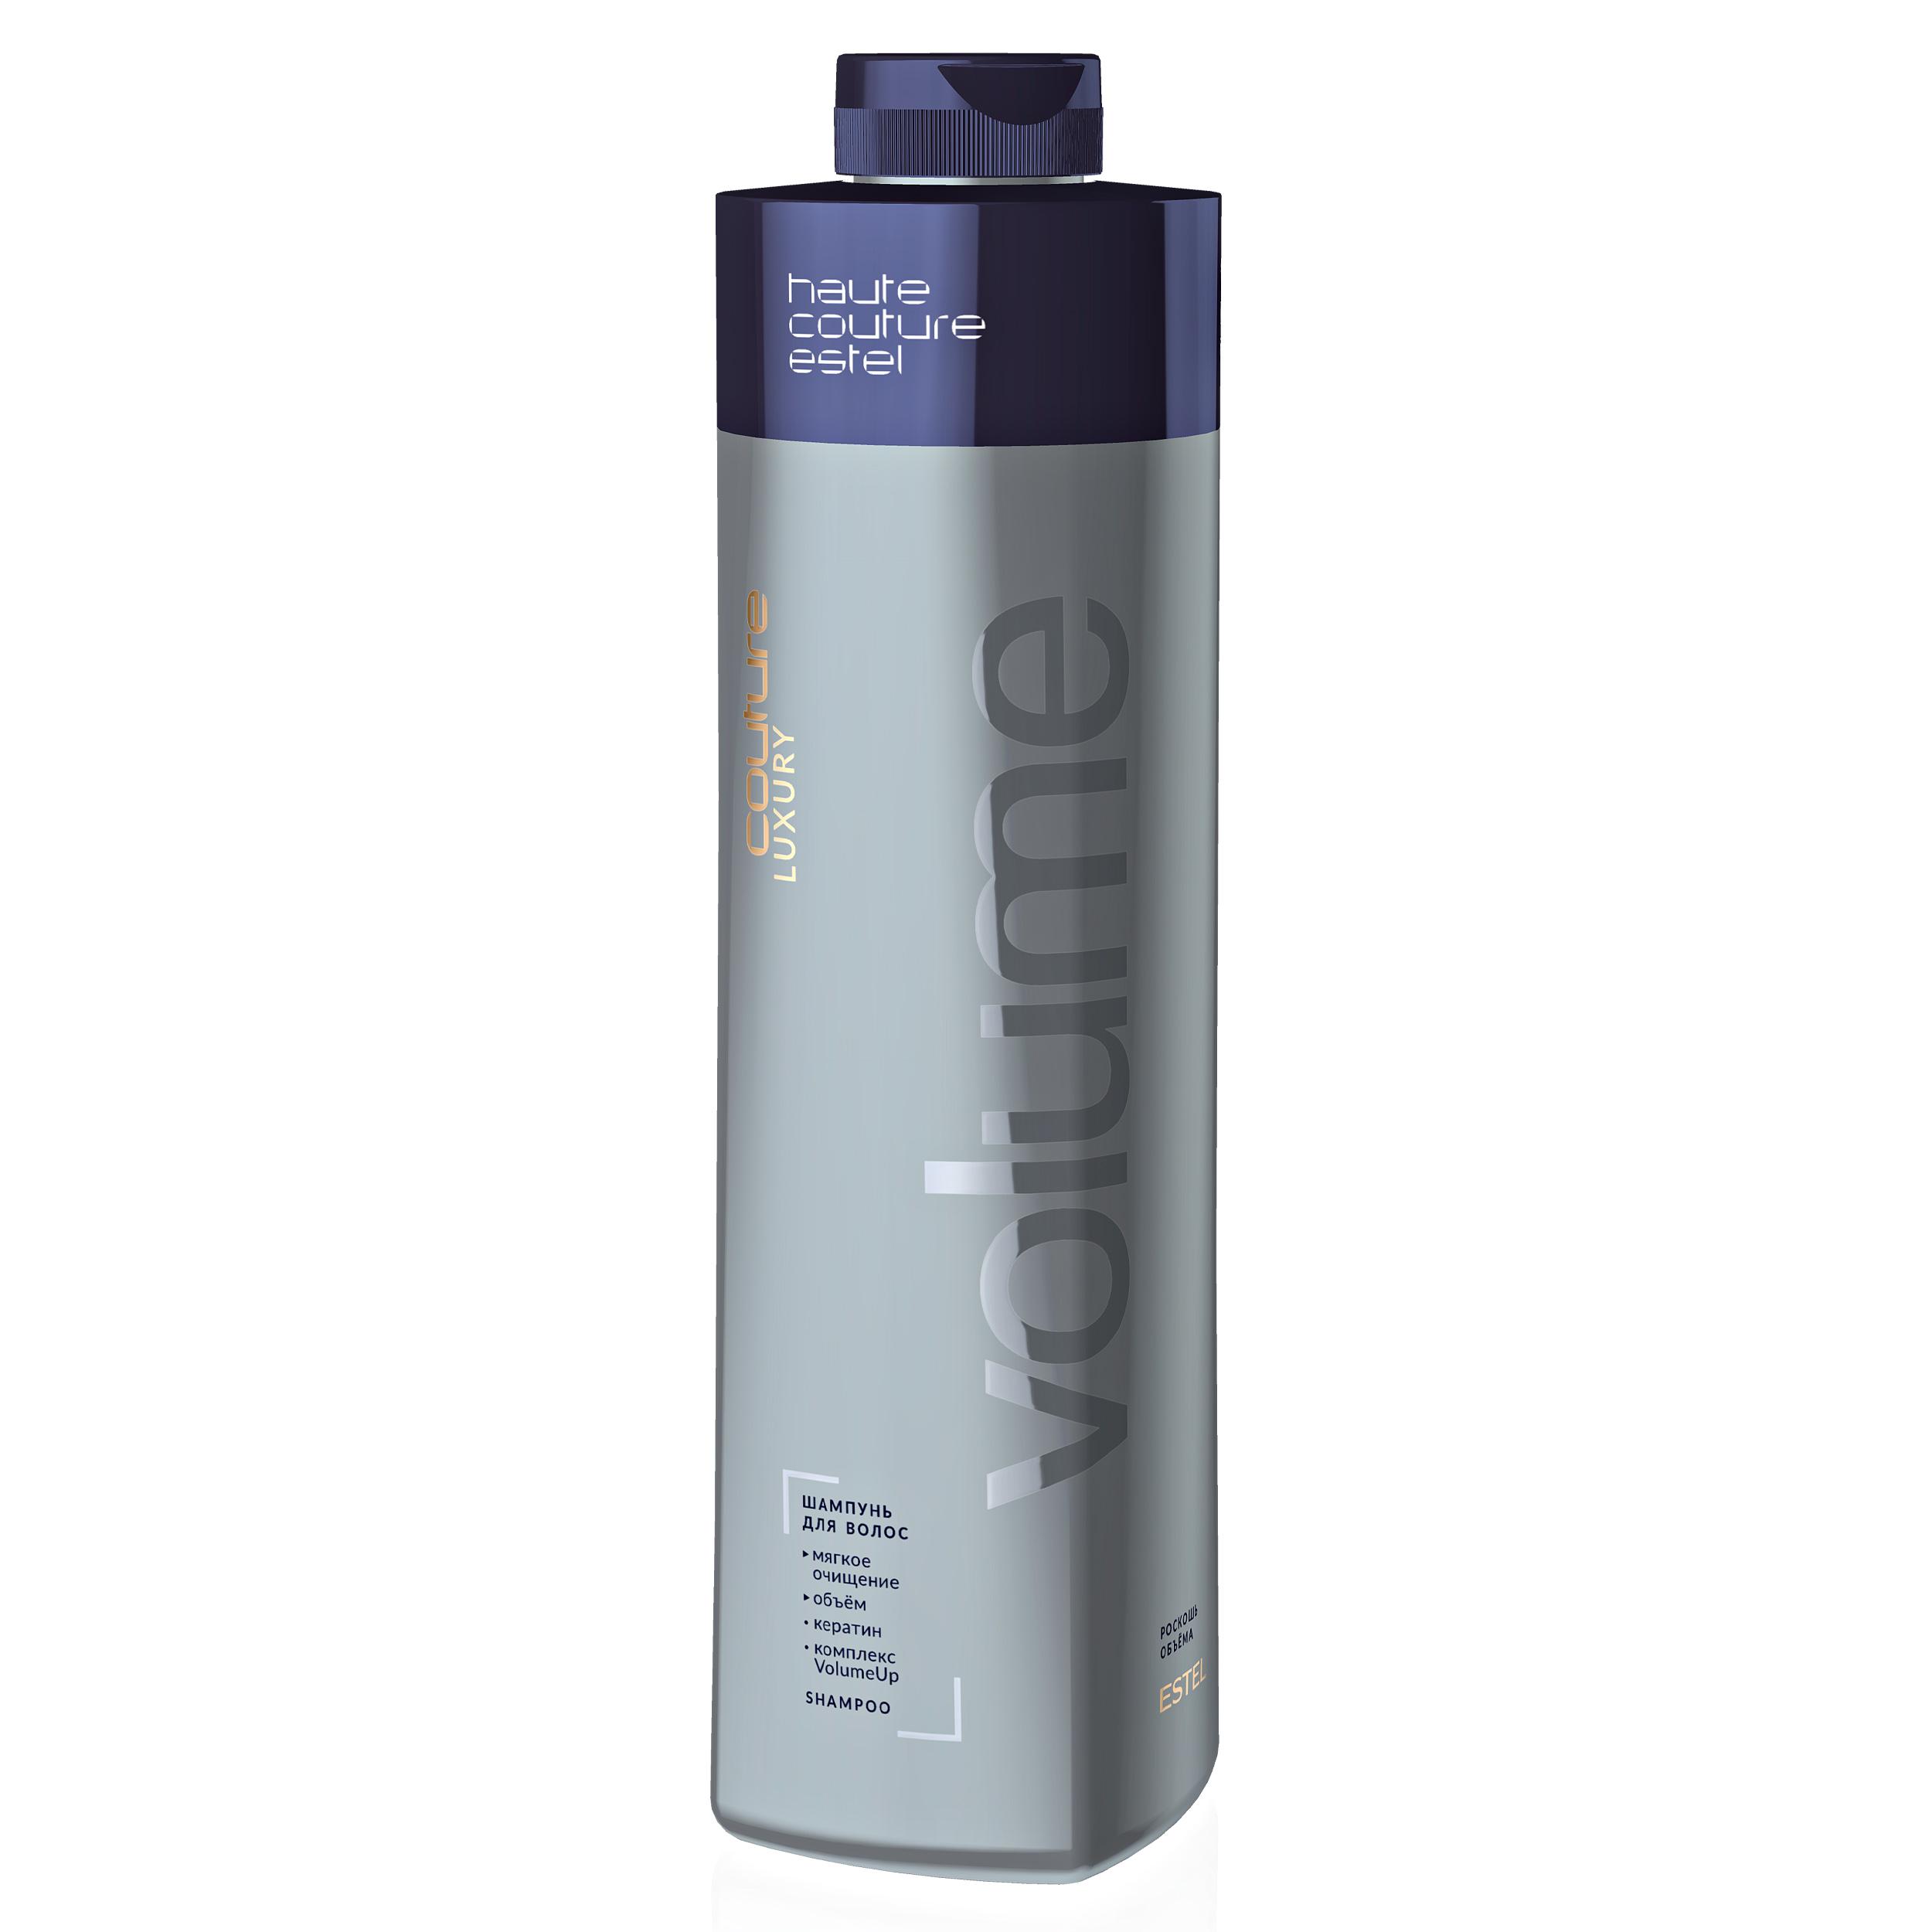 Купить Estel Шампунь для волос Luxary Volume Haute Couture, 1000 мл (Estel, Luxury), Россия